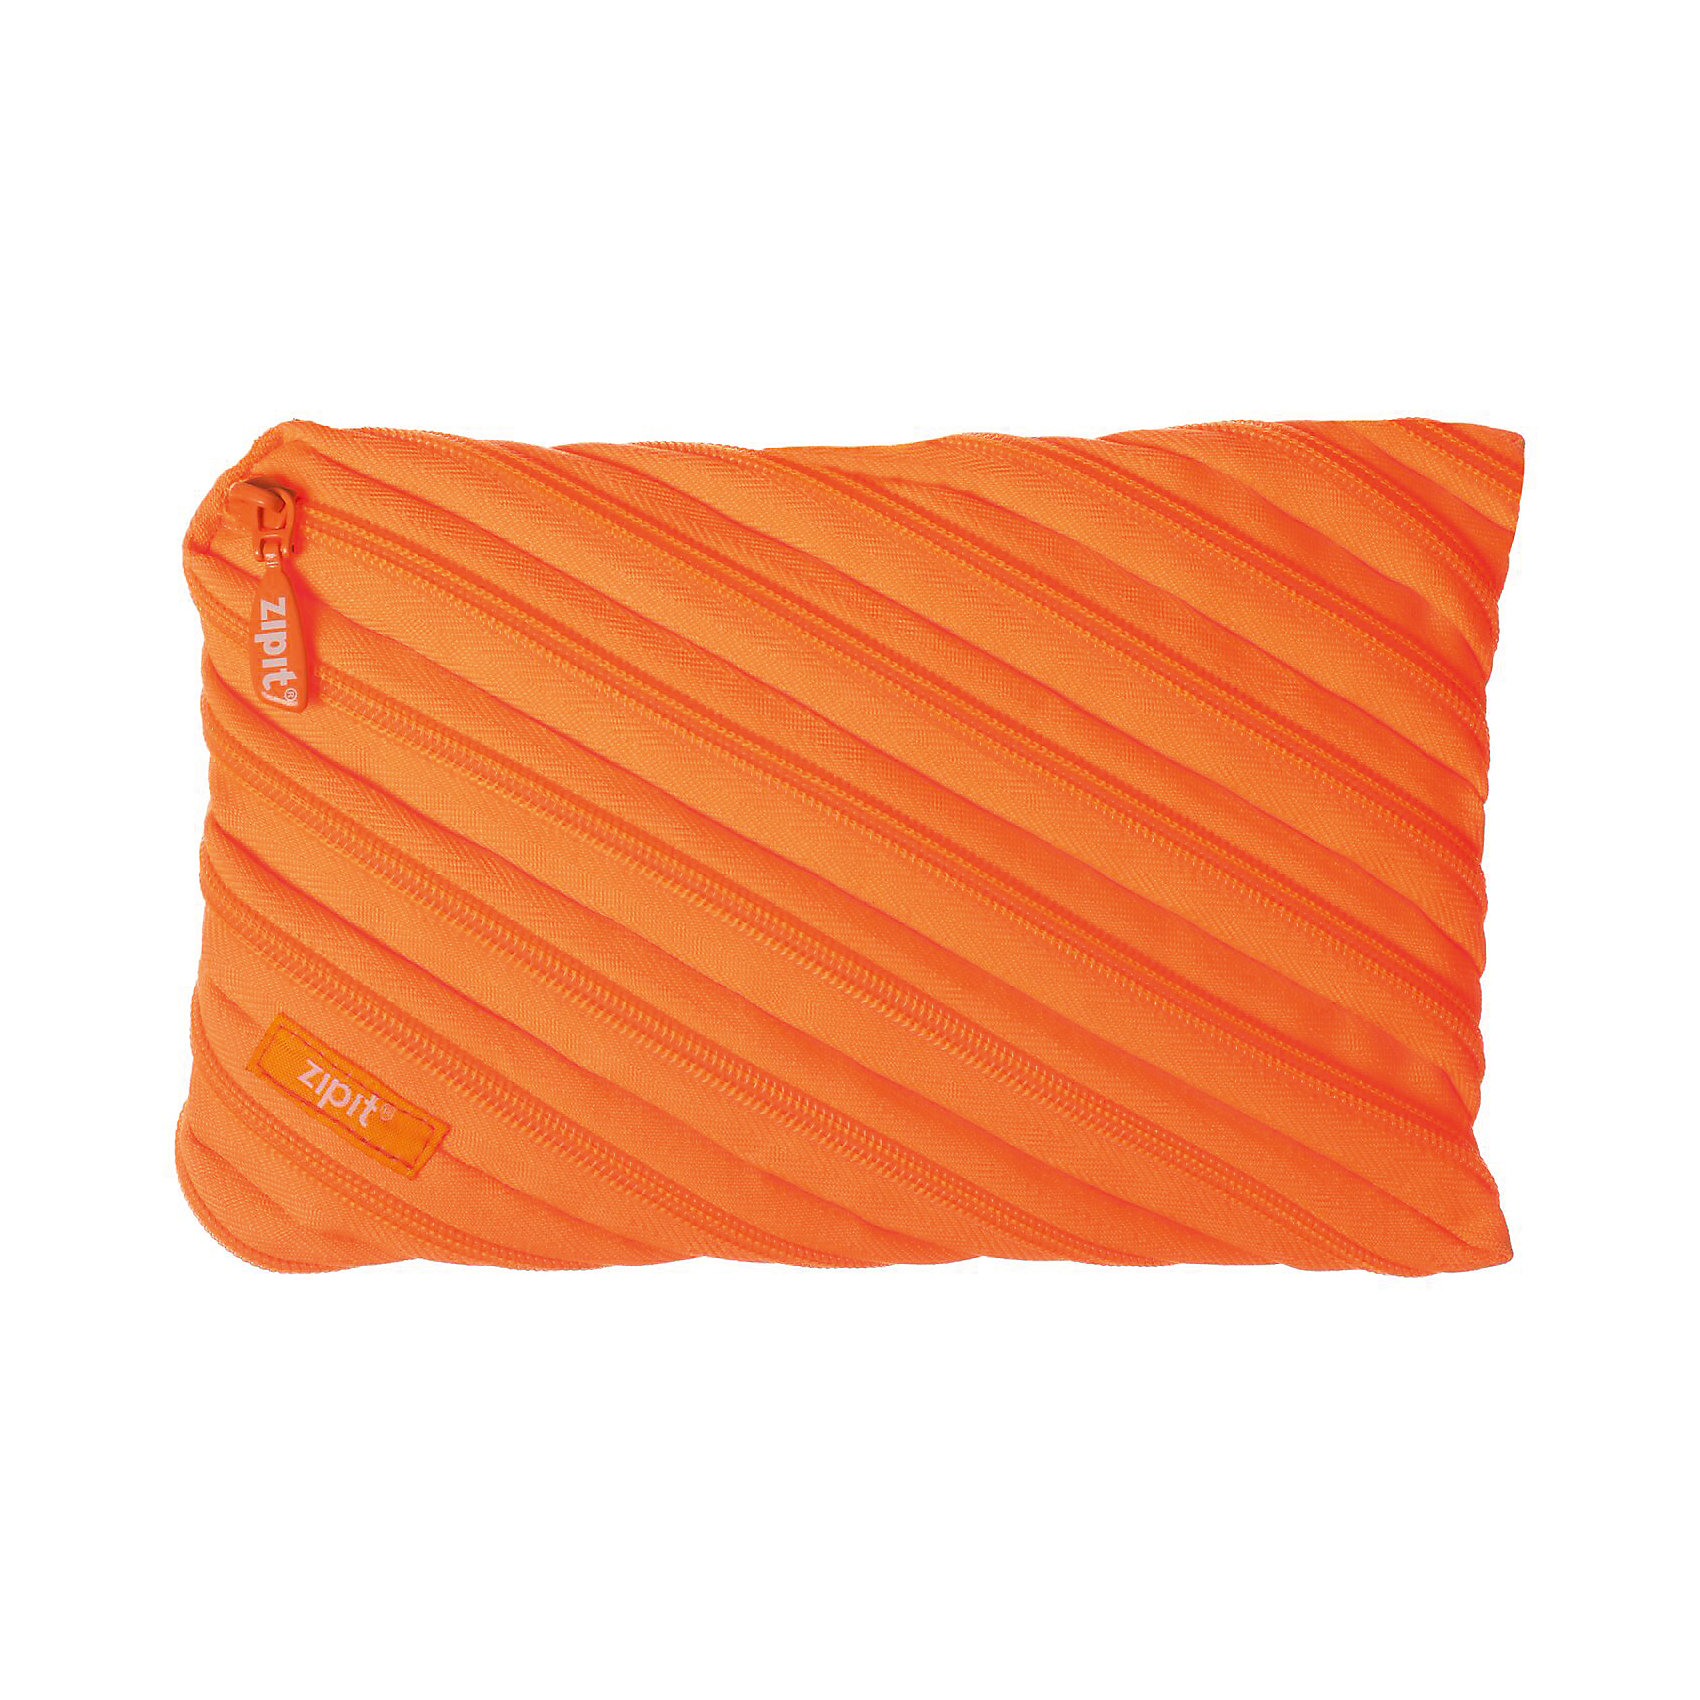 Пенал-сумочка NEON JUMBO POUCH, цвет оранжевыйПеналы без наполнения<br>Характеристики товара:<br><br>• цвет: оранжевый;<br>• возраст: от 3 лет;<br>• вес: 0,1 кг;<br>• размер: 23х2х15 см;<br>• одно вместительное отделение;<br>• изготовлен из длинной молнии;<br>• молнию можно полностью расстегнуть;<br>• материал: полиэстер;<br>• страна бренда: США;<br>• страна изготовитель: Китай.<br><br>Этот пенал из гибкой молнии выполнен в приятном оранжевом оттенке. Стоит обратить внимание на его практичный размер и форму, надежную застежку и вместительность. <br><br>Аксессуар вполне может послужить не только школьникам! Его можно использовать как косметичку, сумку для мелочей, чехол для техники. Стильные детали и актуальная расцветка – это дополнительные плюсы модели. <br><br>Пенал-сумочка «Neon Jumbo Pouch» можно купить в нашем интернет-магазине.<br><br>Ширина мм: 230<br>Глубина мм: 20<br>Высота мм: 150<br>Вес г: 100<br>Возраст от месяцев: 36<br>Возраст до месяцев: 720<br>Пол: Унисекс<br>Возраст: Детский<br>SKU: 7054174